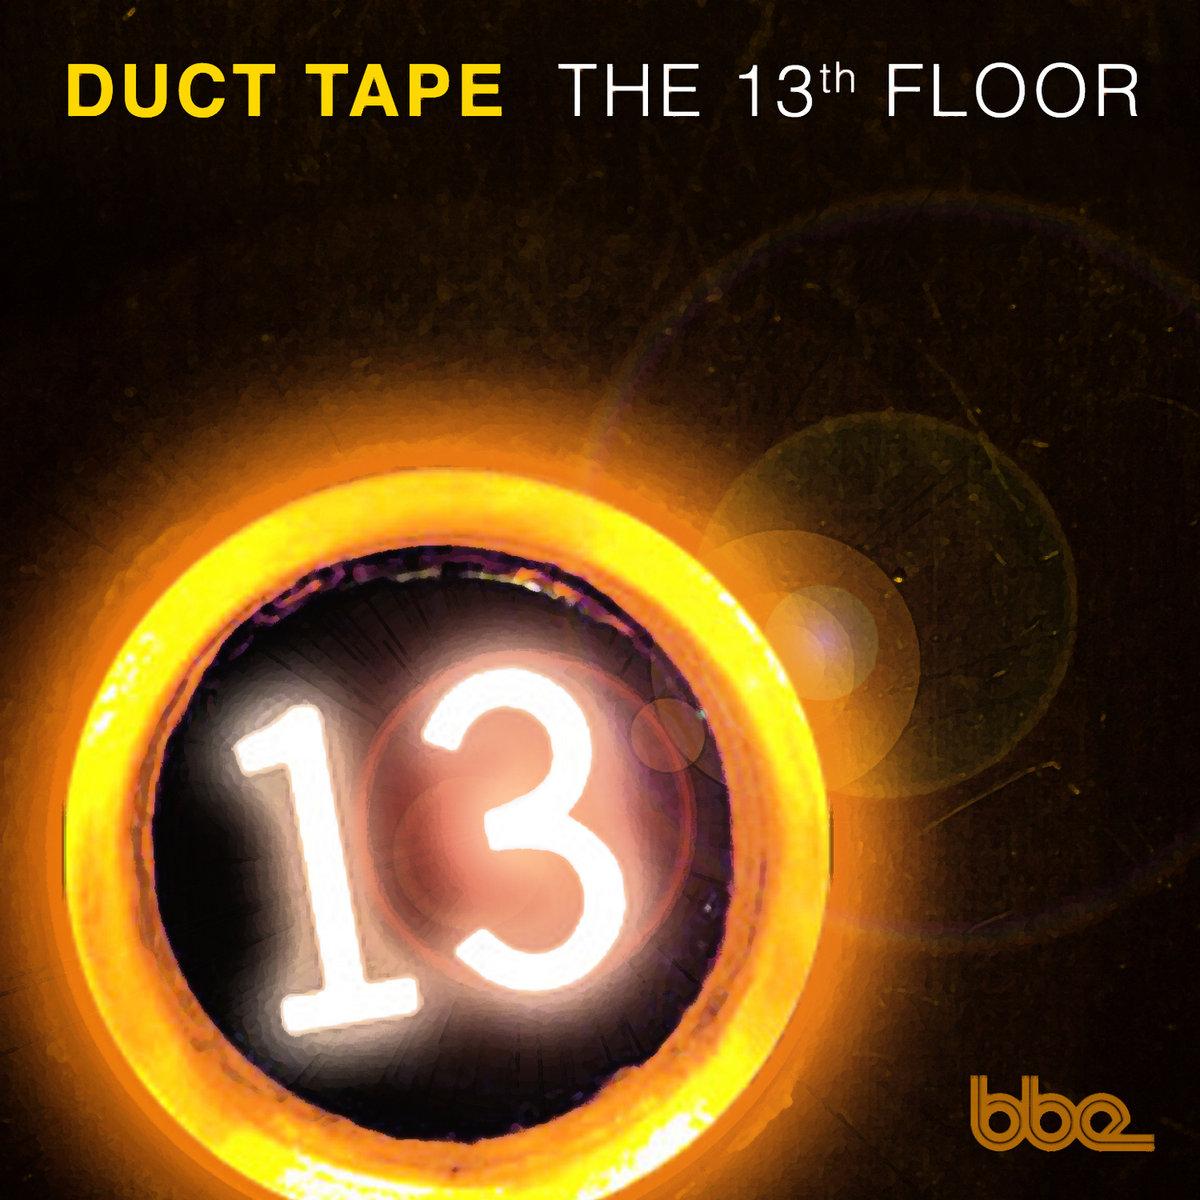 The thirteenth floor duct tape the thirteenth floor tyukafo